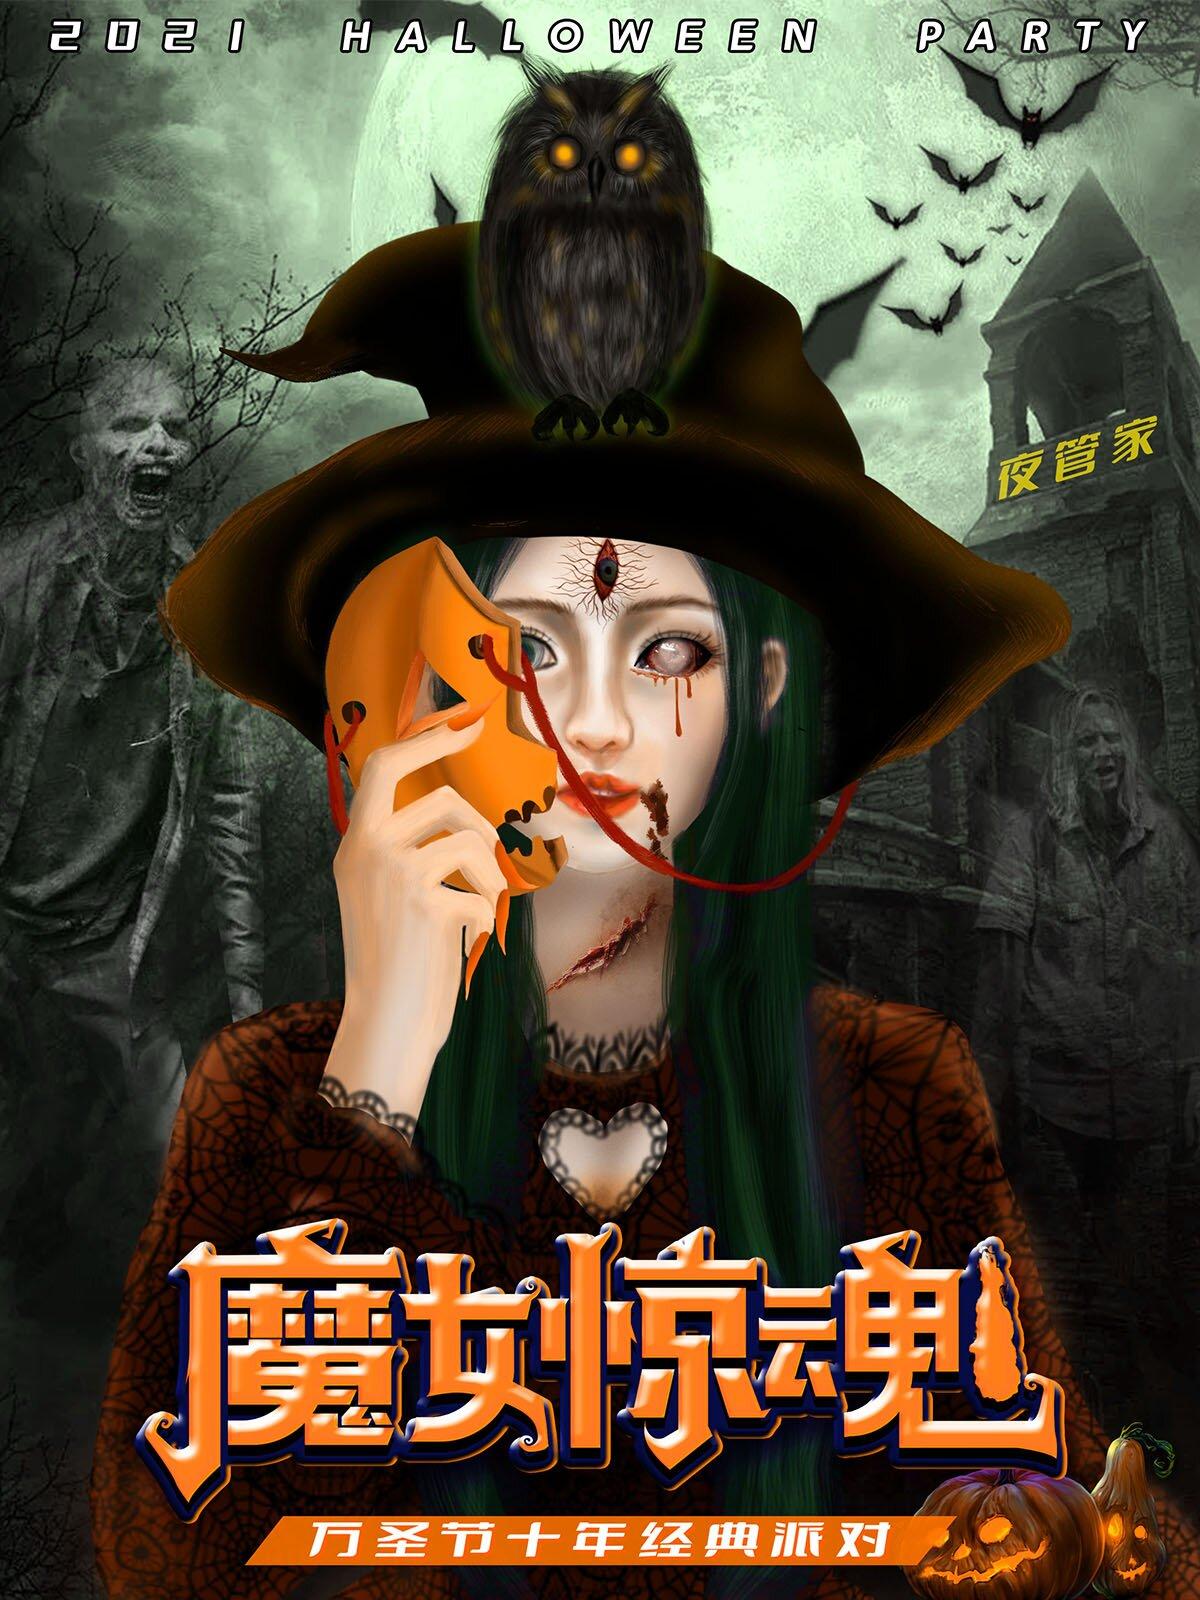 万圣节惊悚派对上海站(万代南梦宫未来剧场2楼)